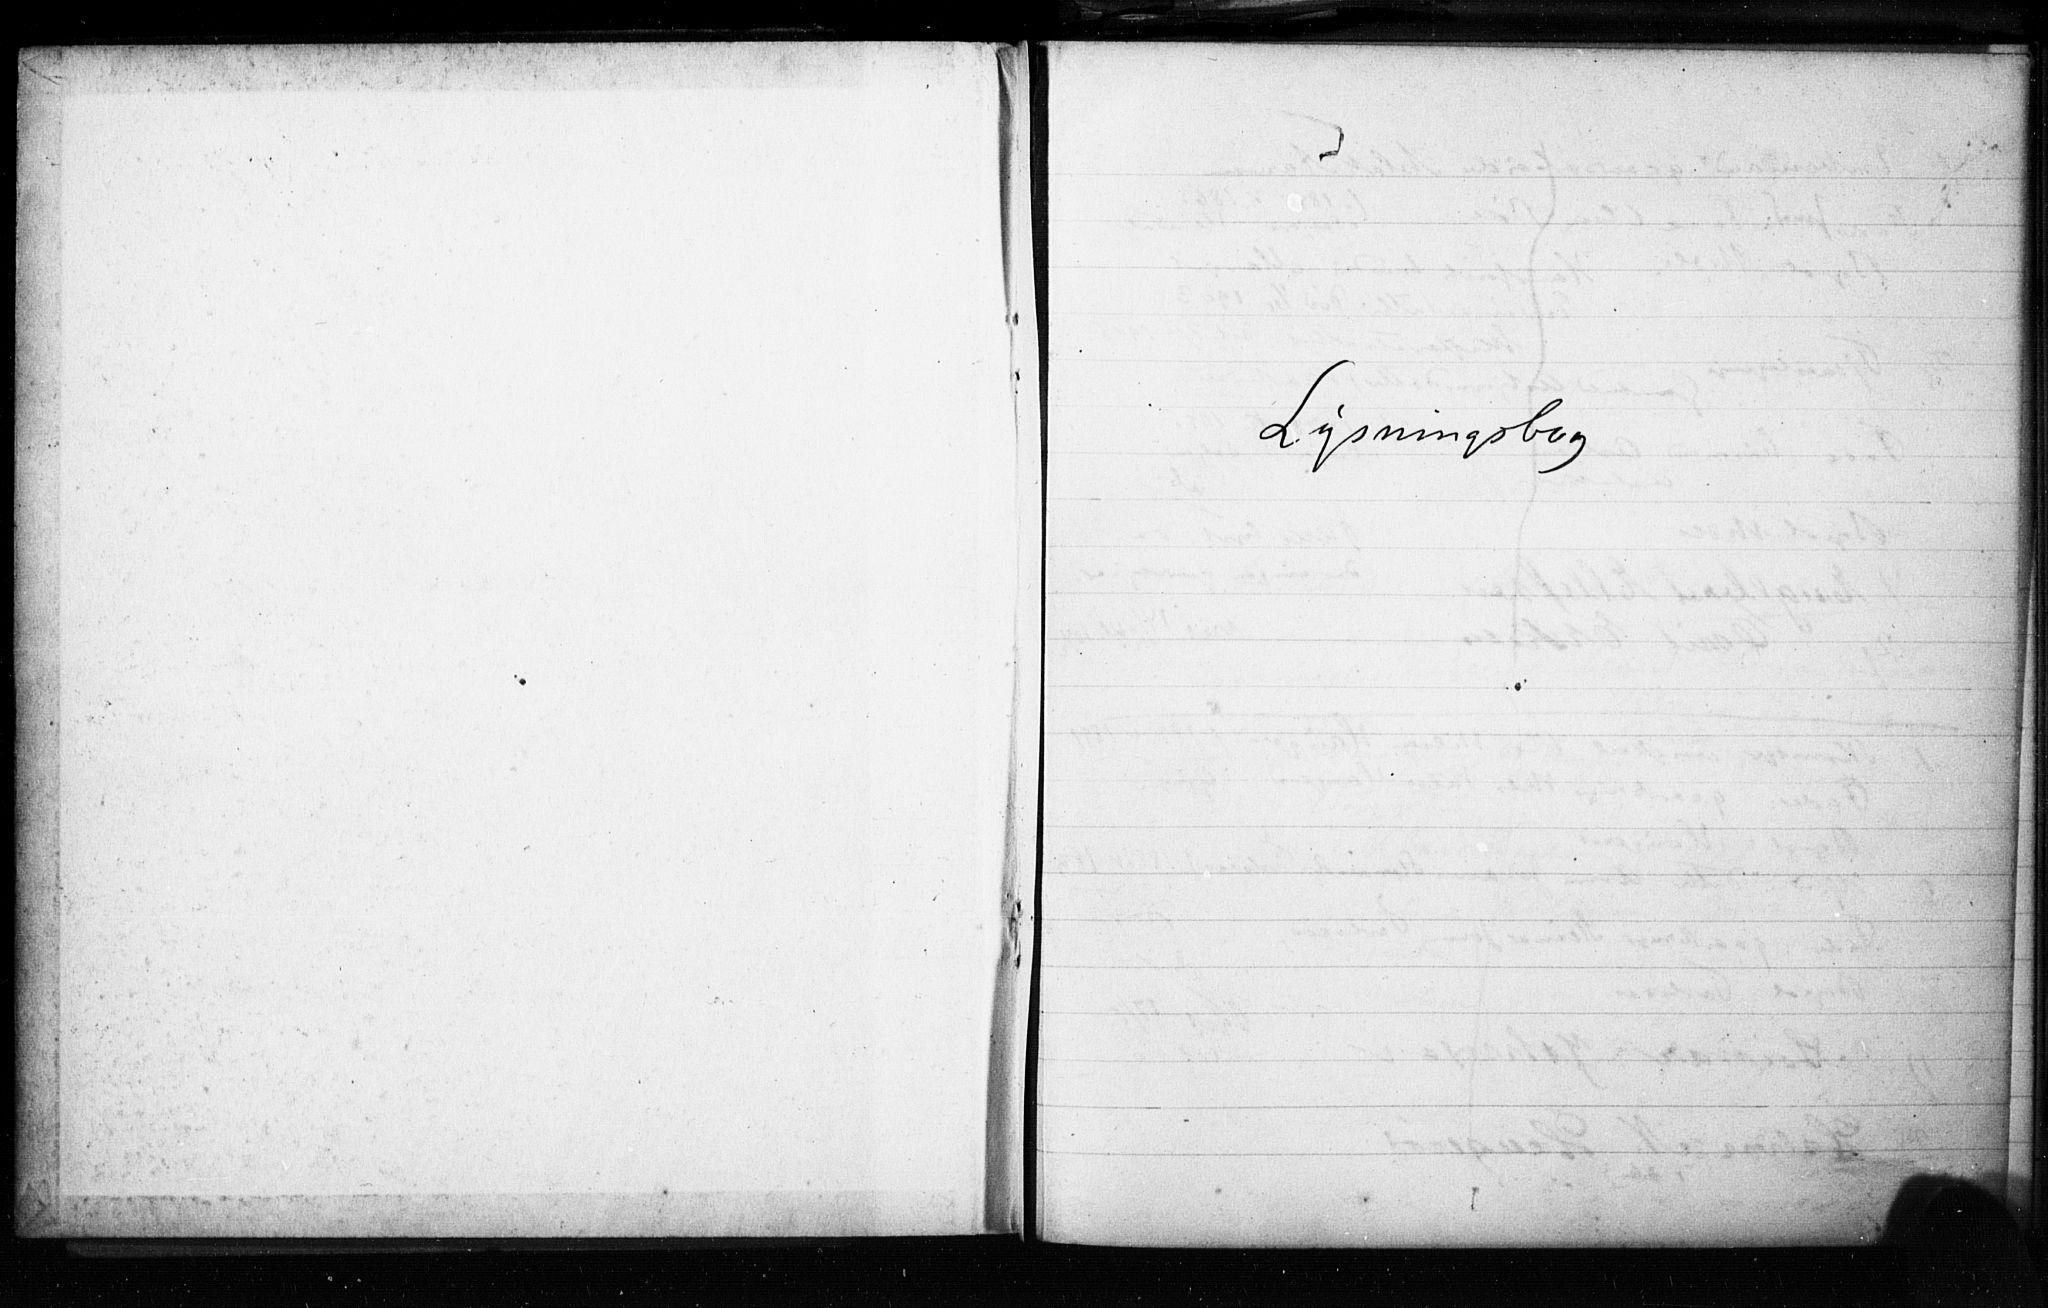 SAKO, Gjerpen kirkebøker, H/Ha/L0002: Lysningsprotokoll nr. I 2, 1908-1913